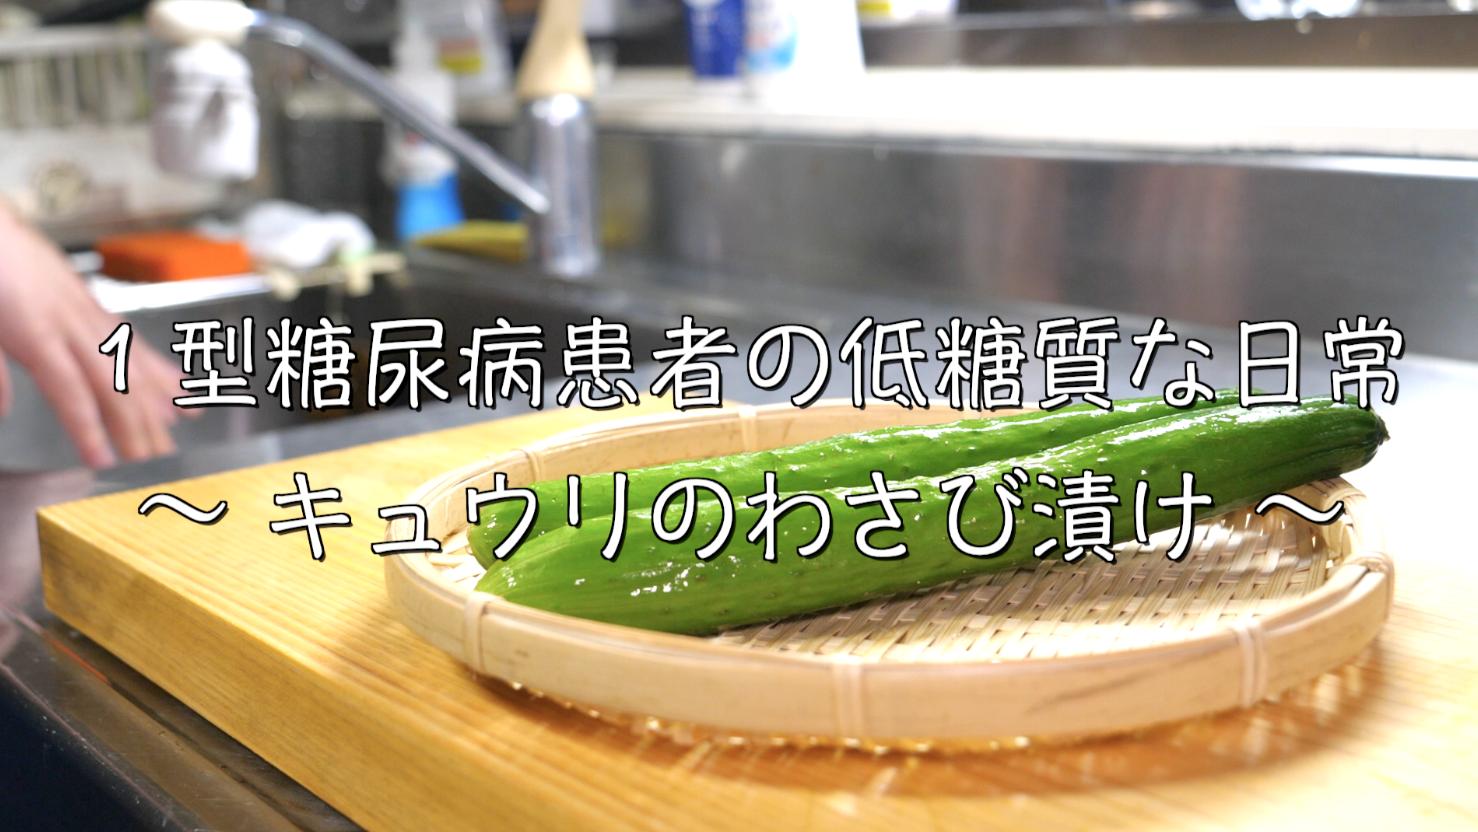 きゅうり 浅漬け レシピ